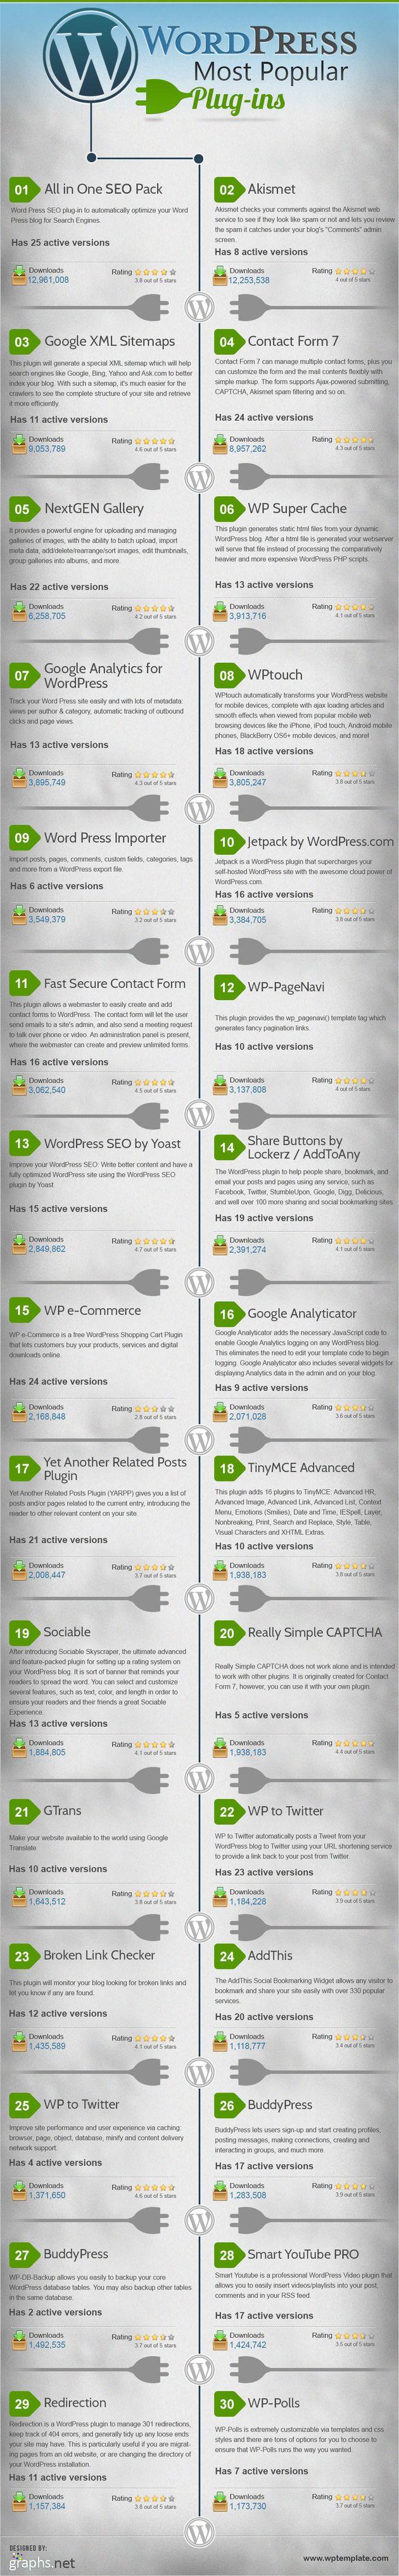 Infografía con los plugins más usados en WordPress